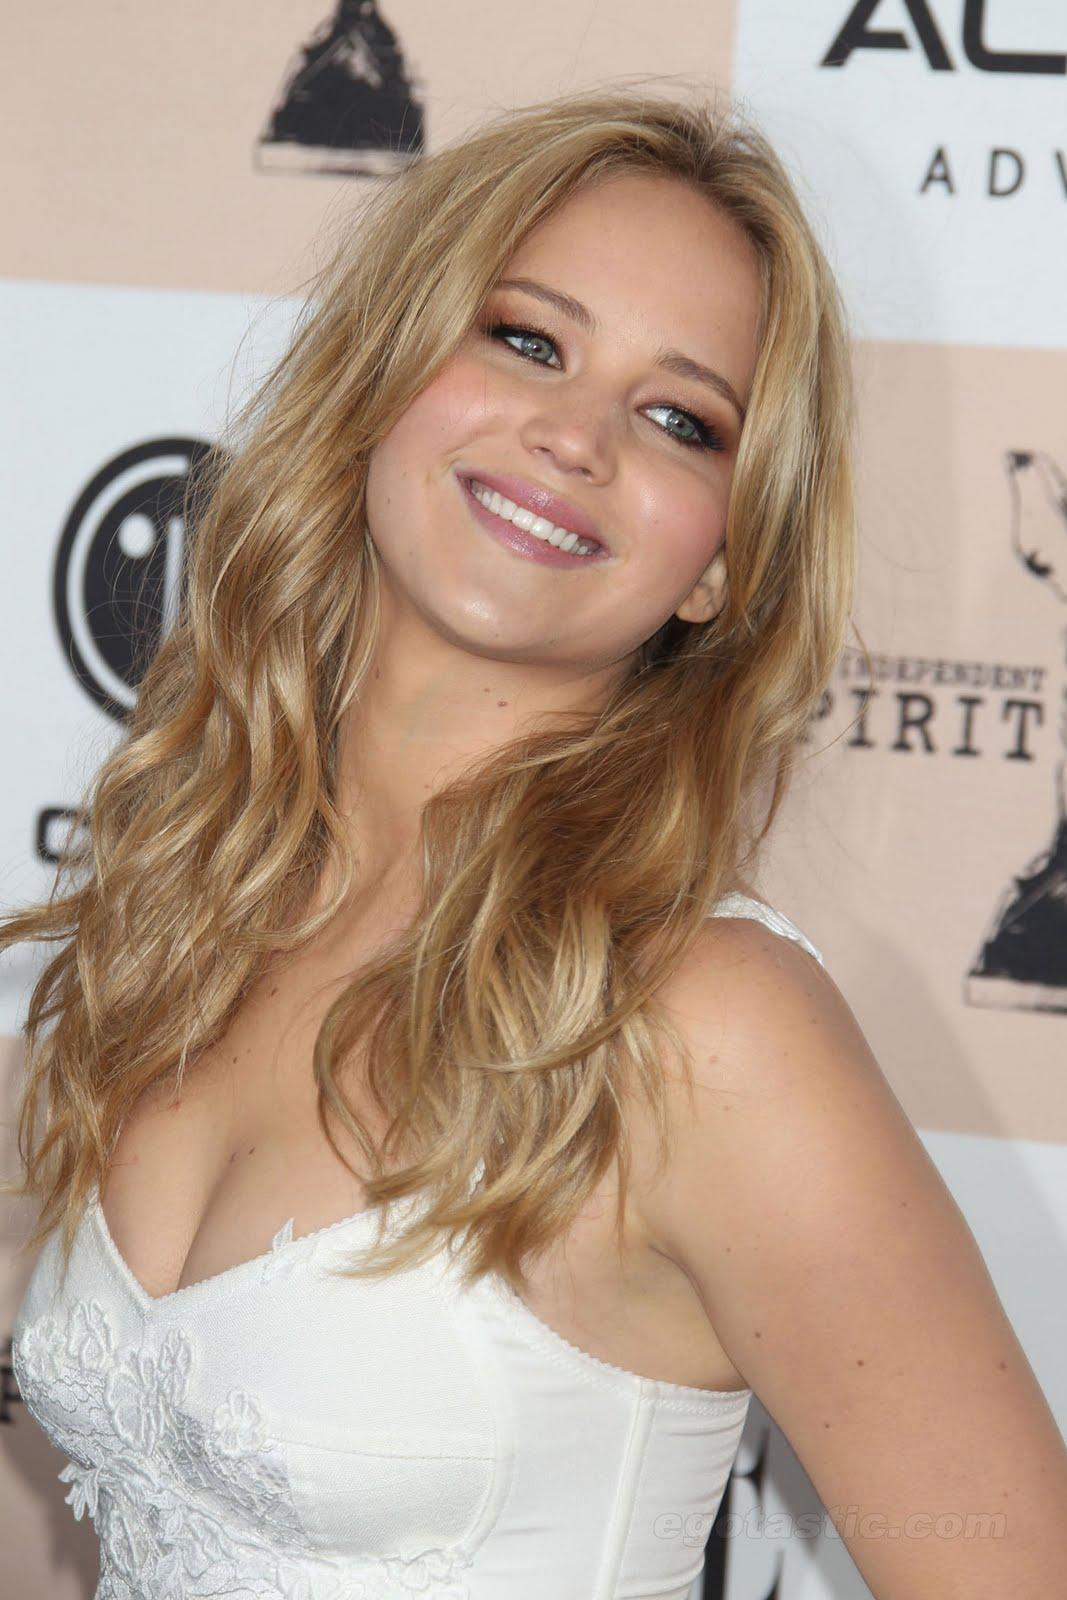 http://1.bp.blogspot.com/-KOLJsEil8_4/TW2ChhljY4I/AAAAAAAAAZc/8YJBDGoh09A/s1600/jennifer_lawrence_actu_sexy_01.jpg